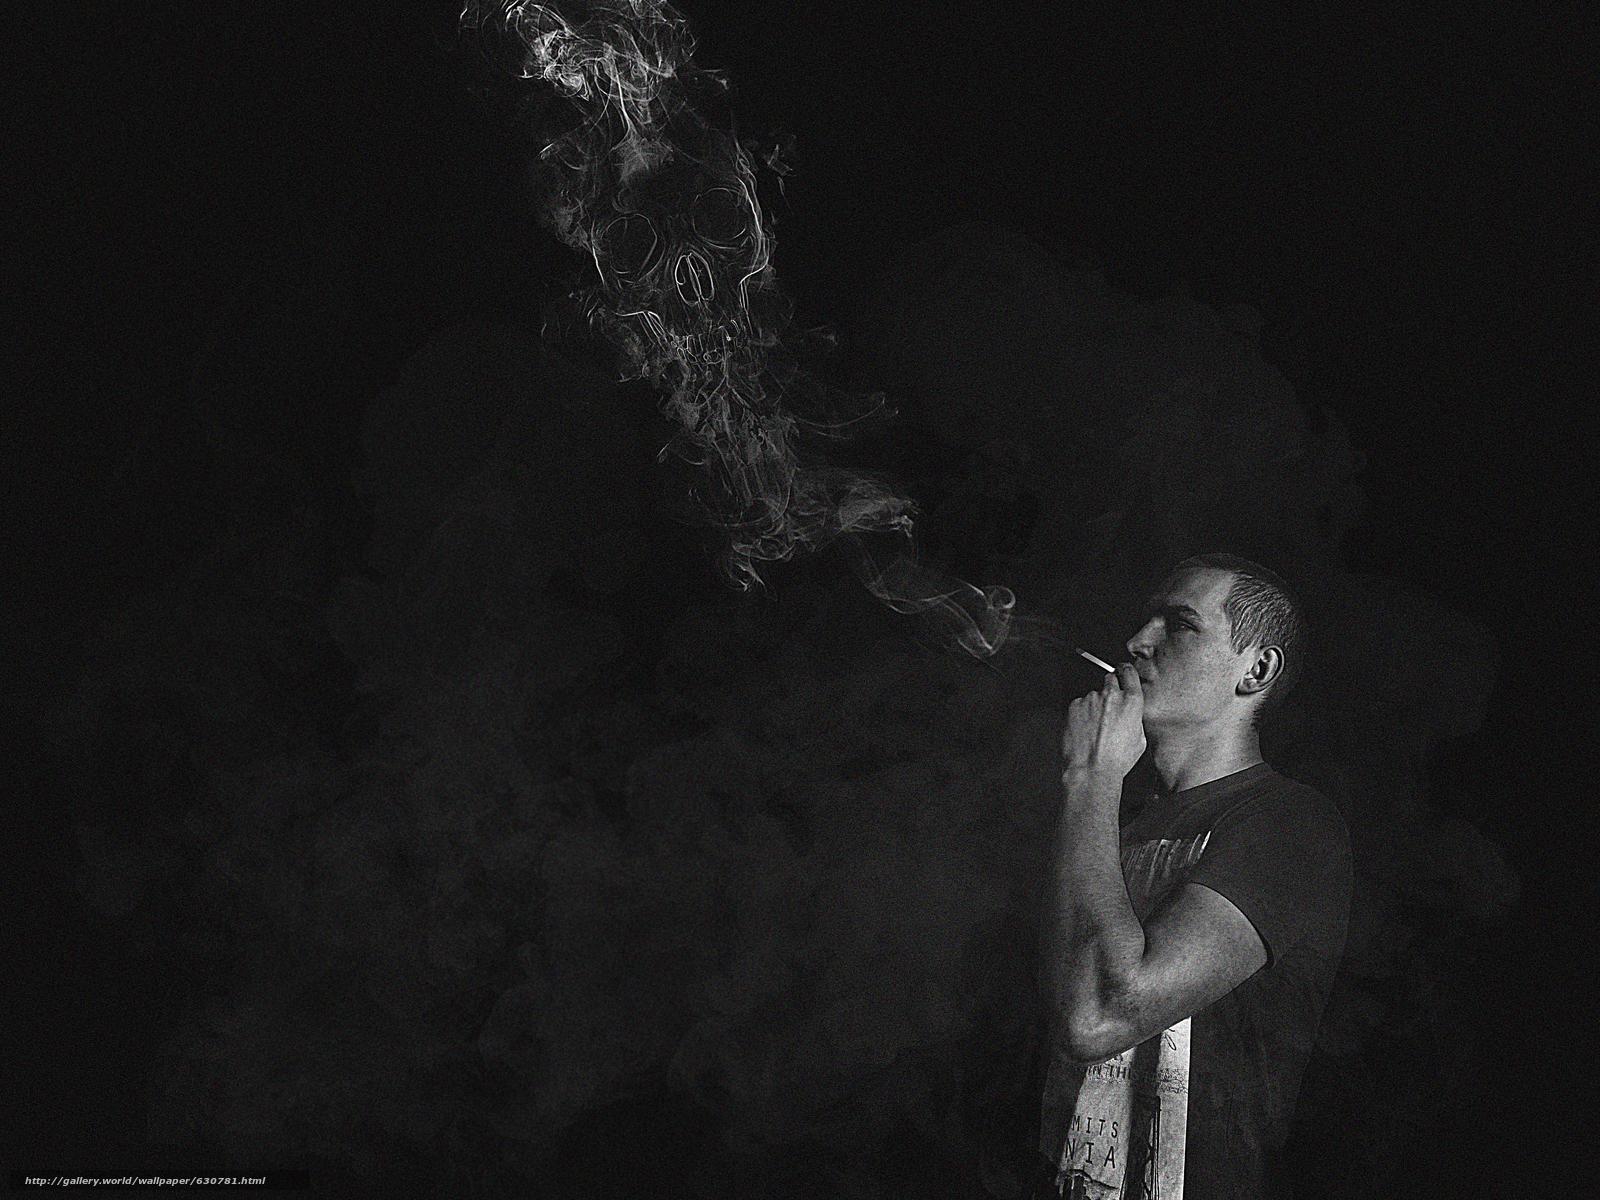 pobra tapety Papieros,  dym,  nuda,  facet Darmowe tapety na pulpit rozdzielczoci 4000x3000 — zdjcie №630781